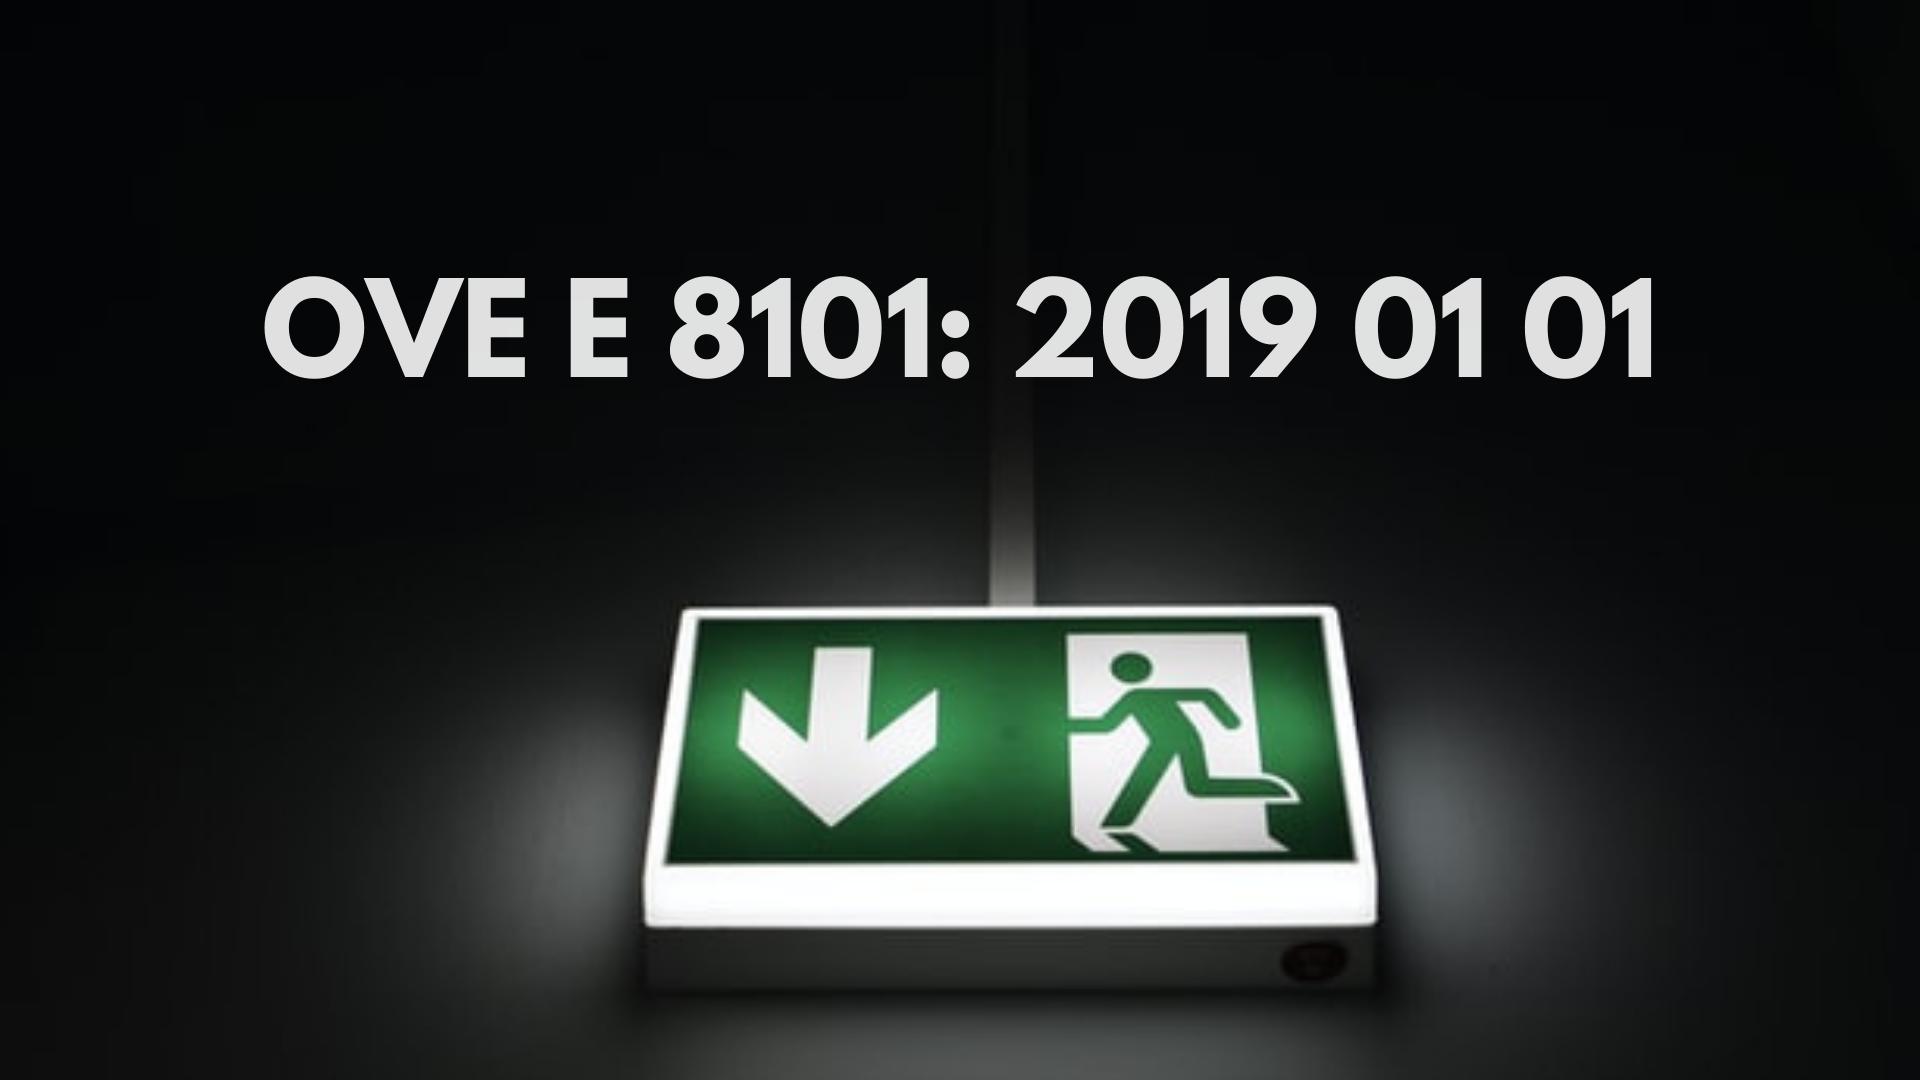 OVE E 8101 2019 01 01